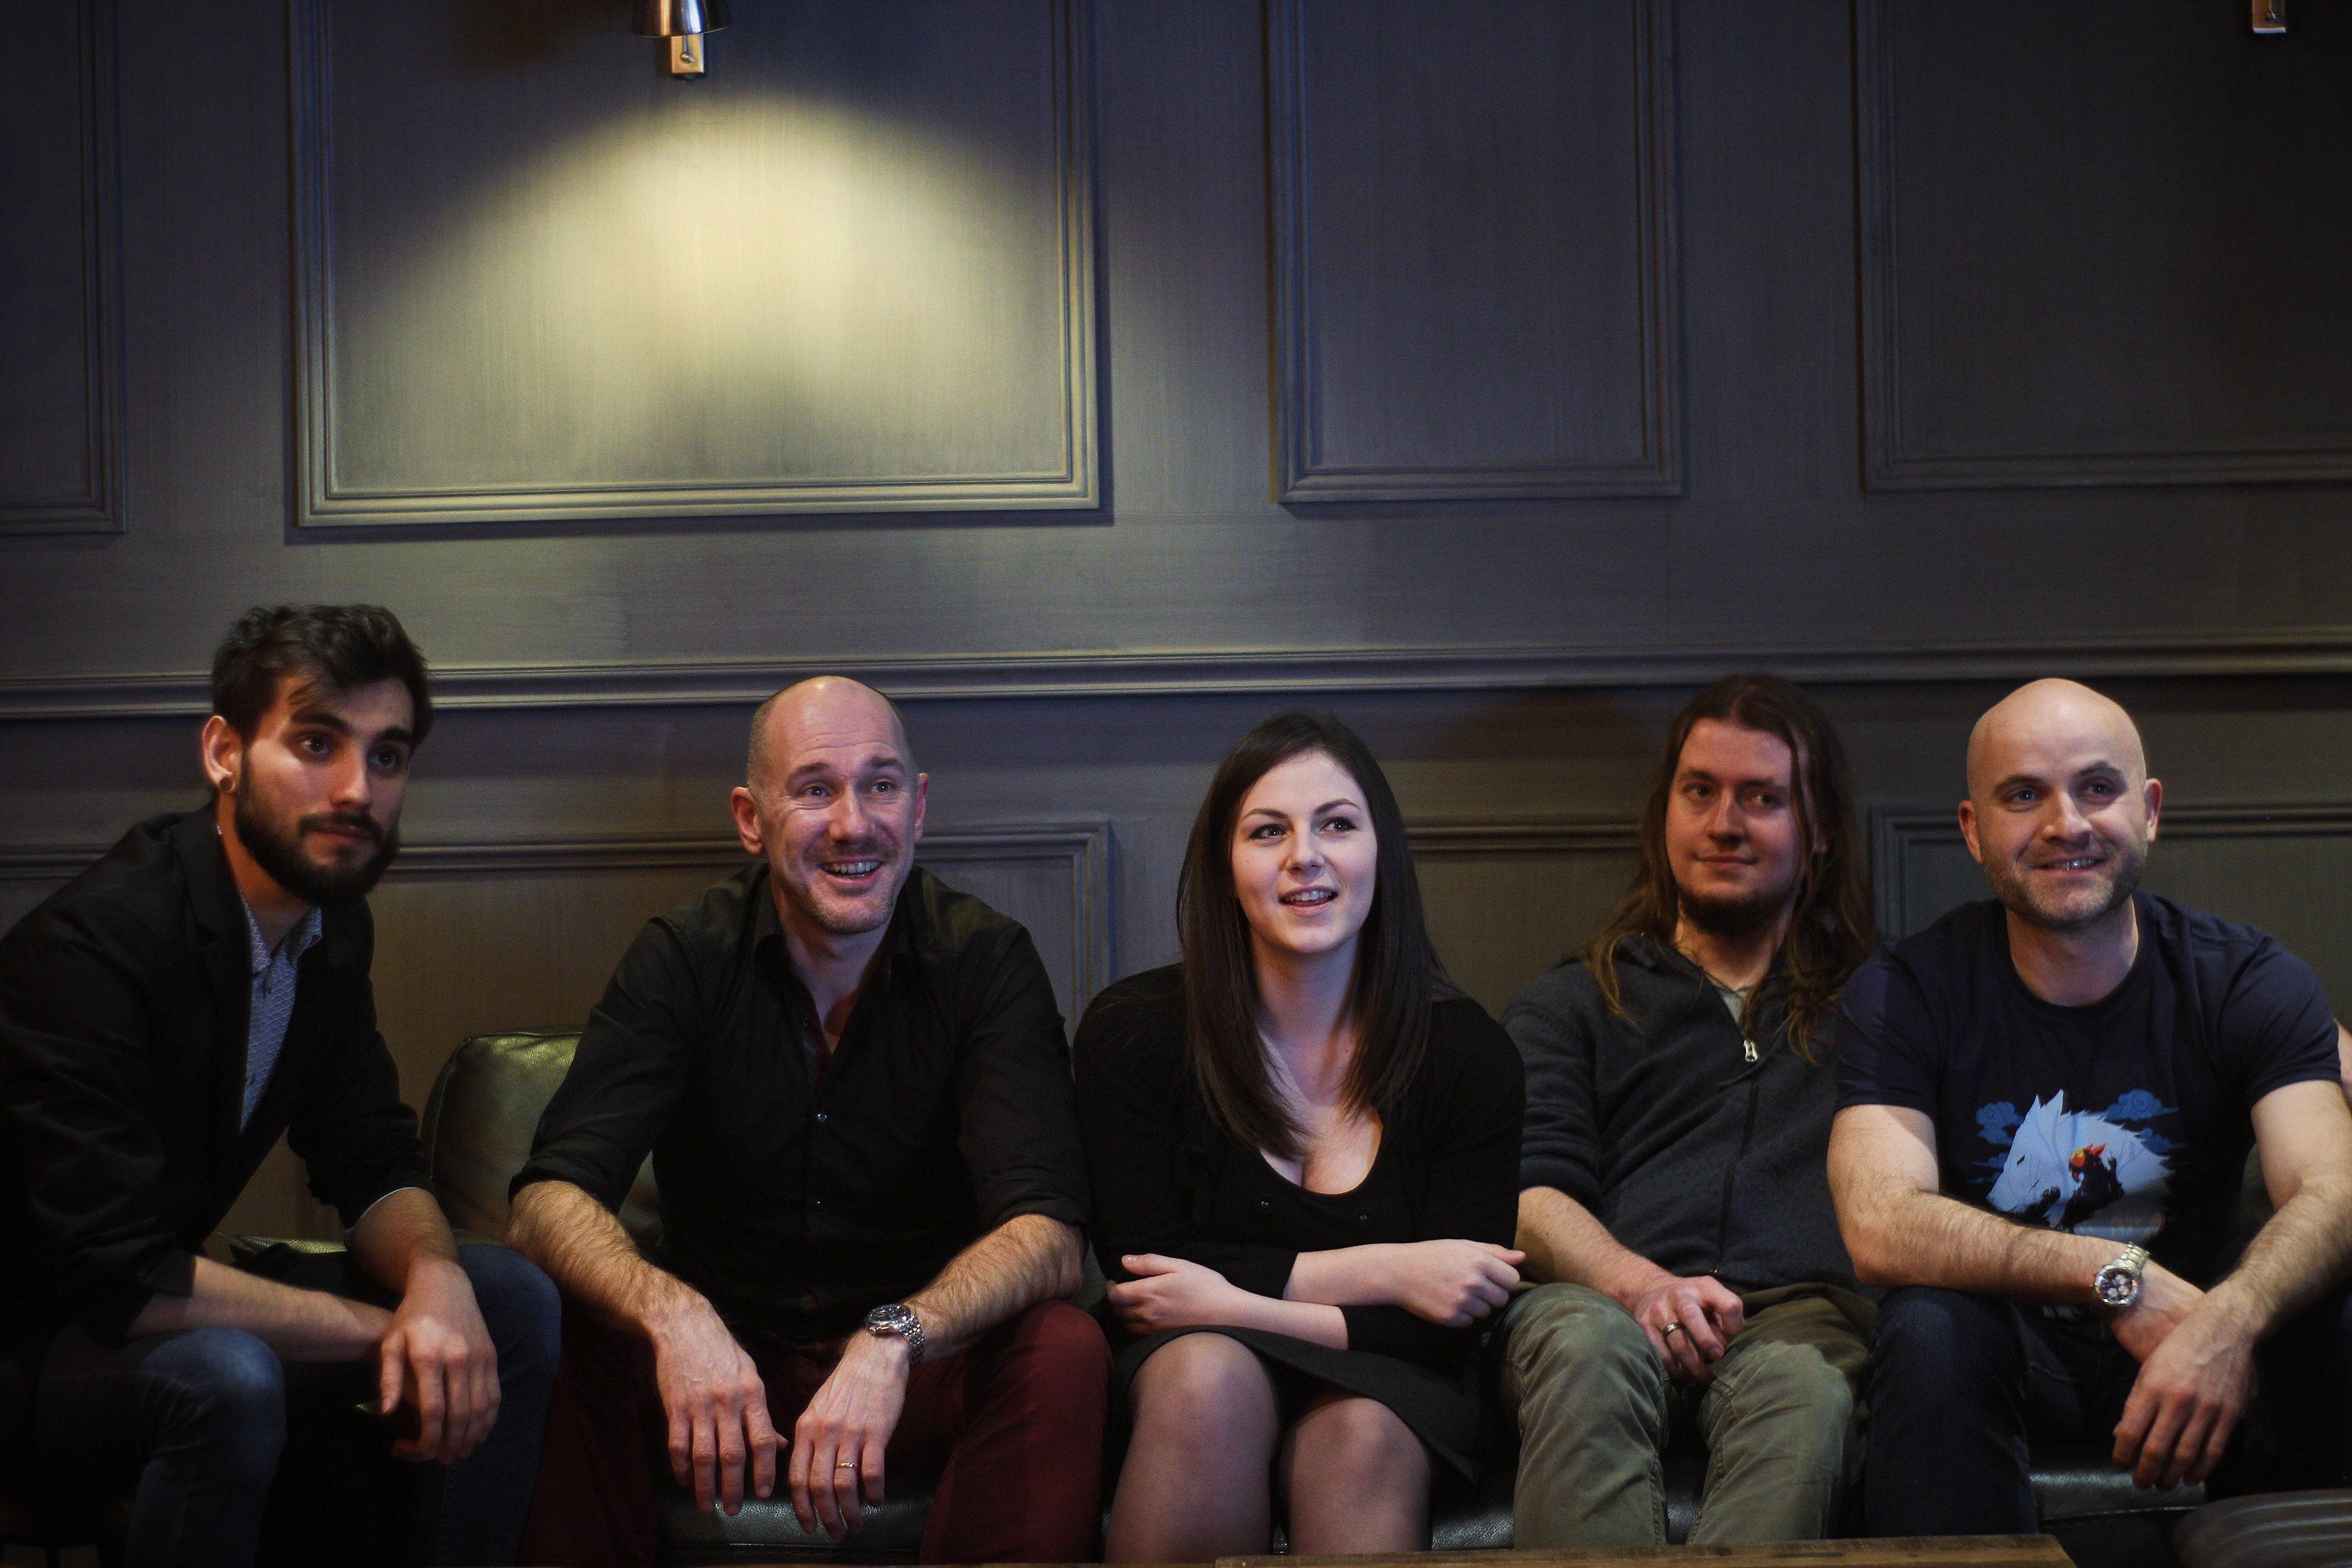 Mes collègues traducteurs de l'équipe MAKMA. De gauche à droite : Benjamin Viette, Edmond Tourriol, Sarah Grassart, Camille Gardeil et Mathieu Auverdin.